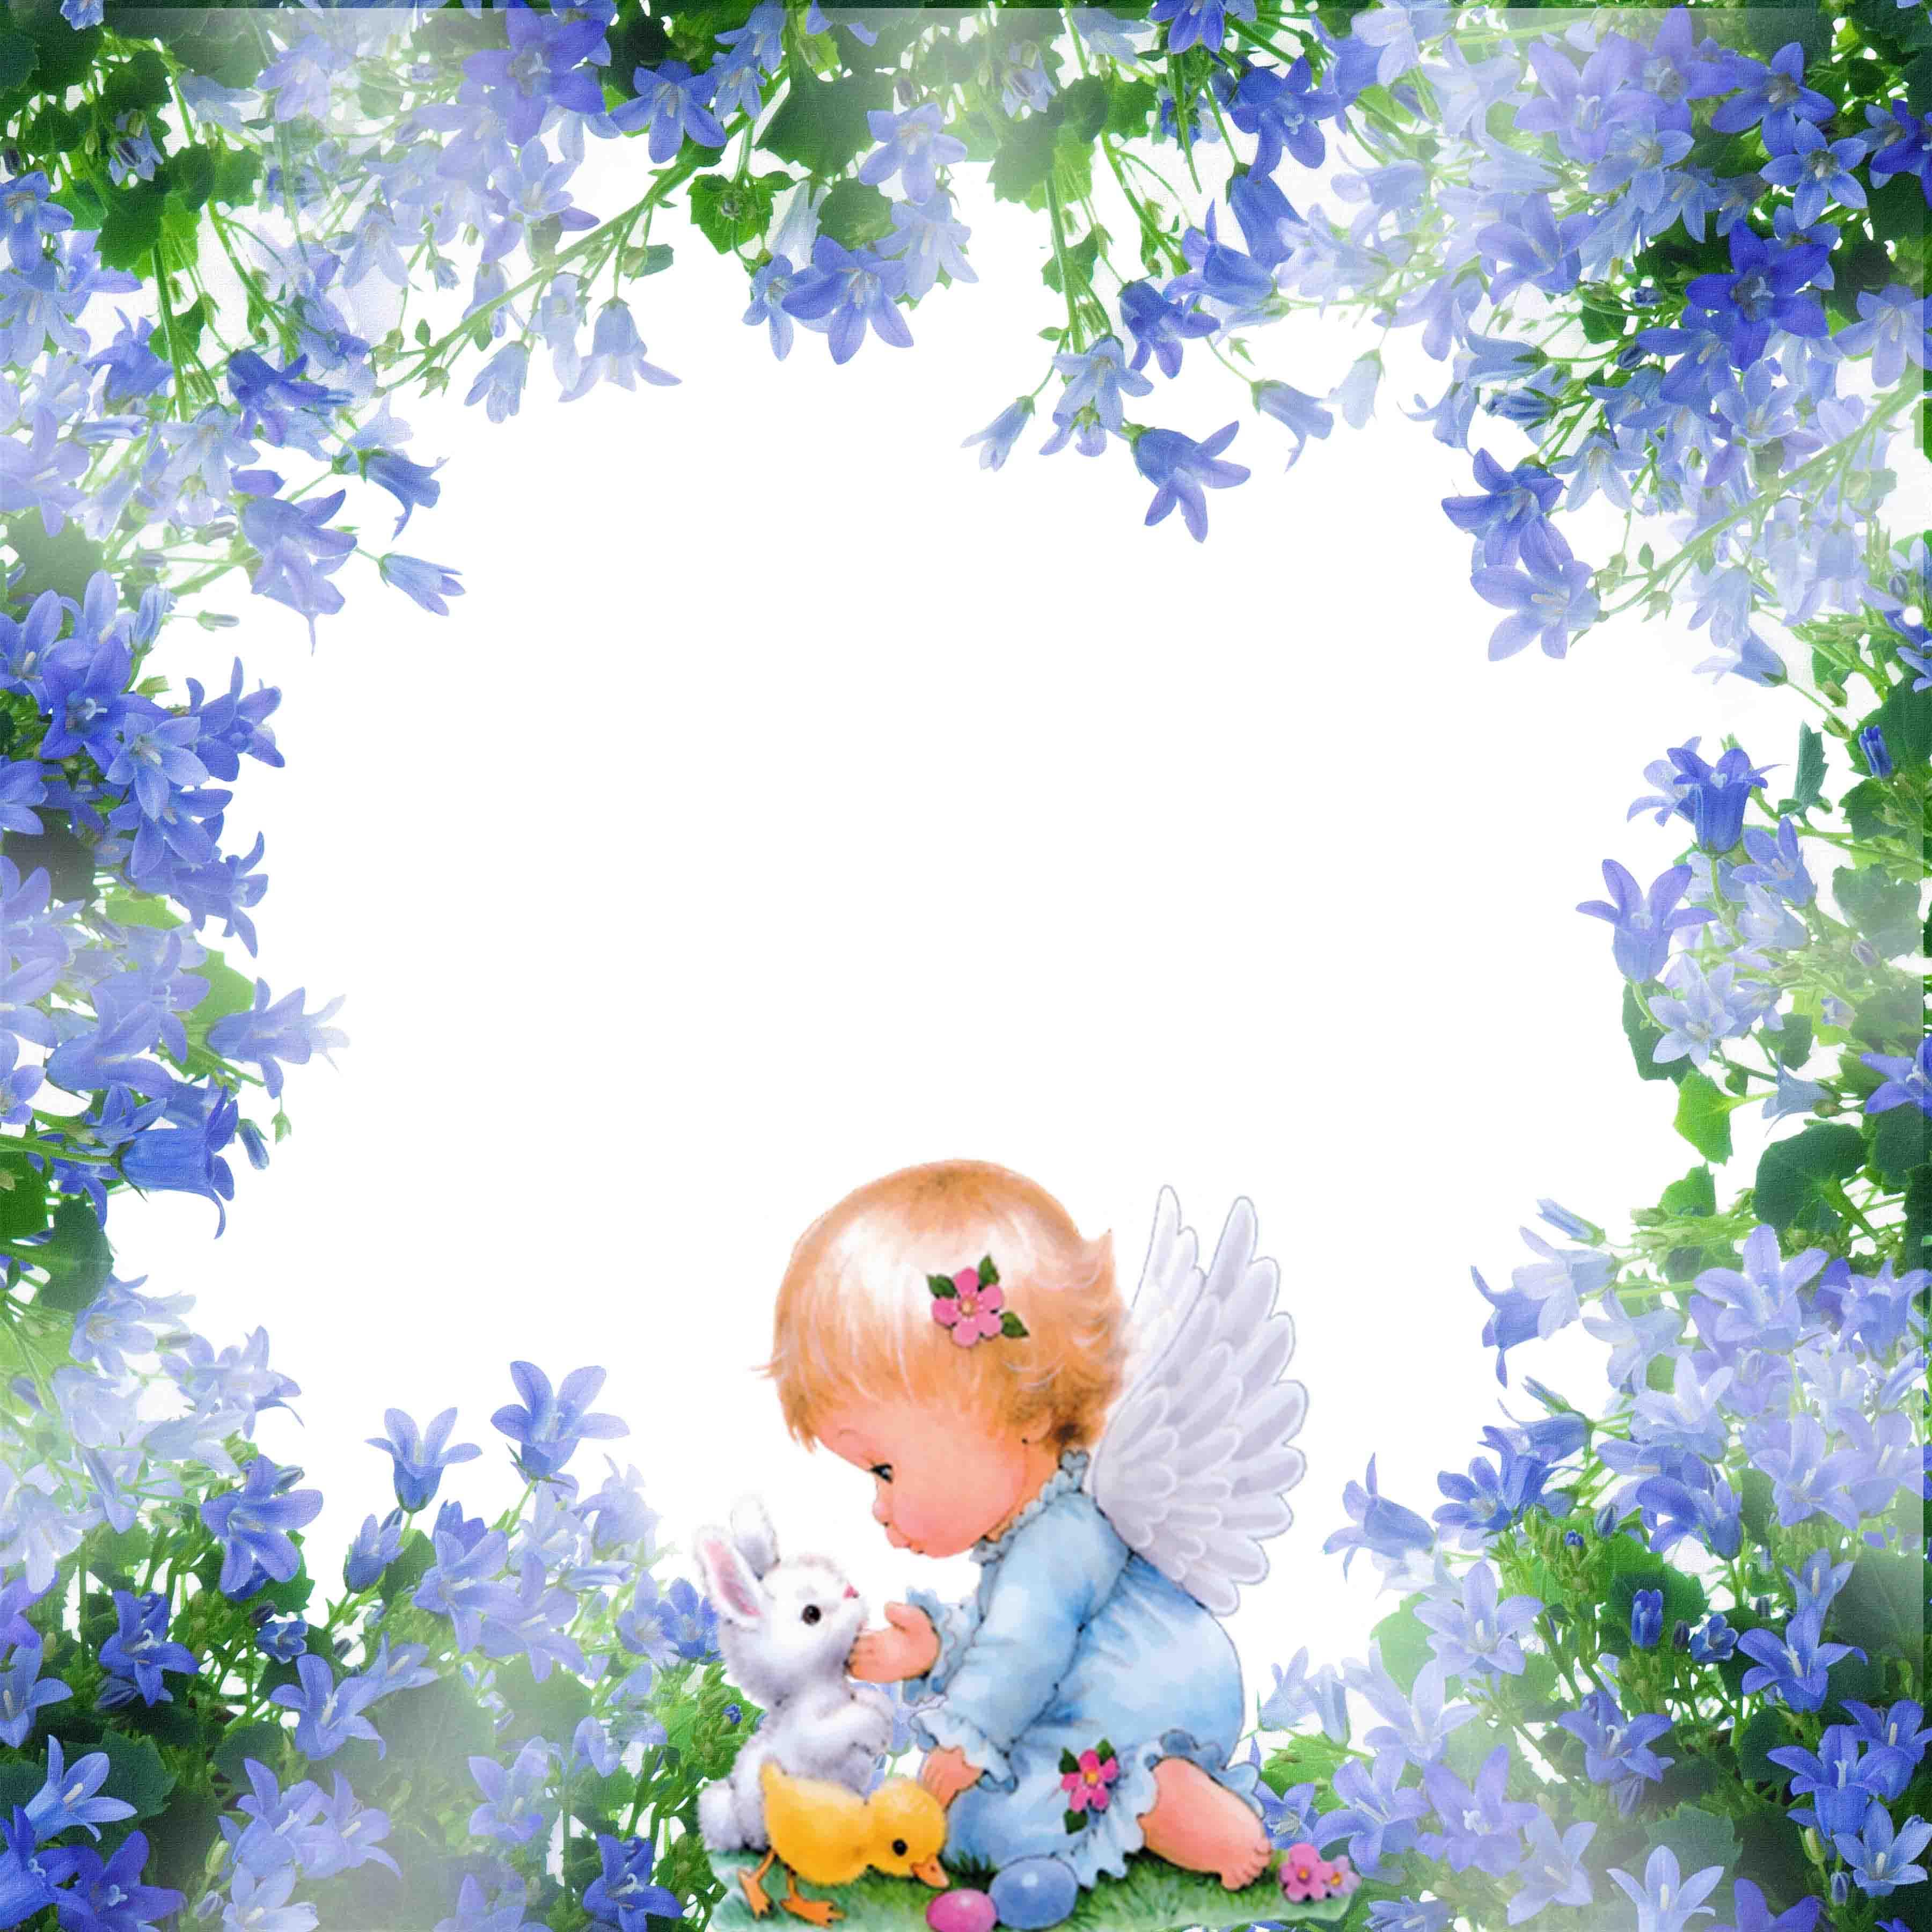 Фоновые картинки для фотошопа детские, пожелания